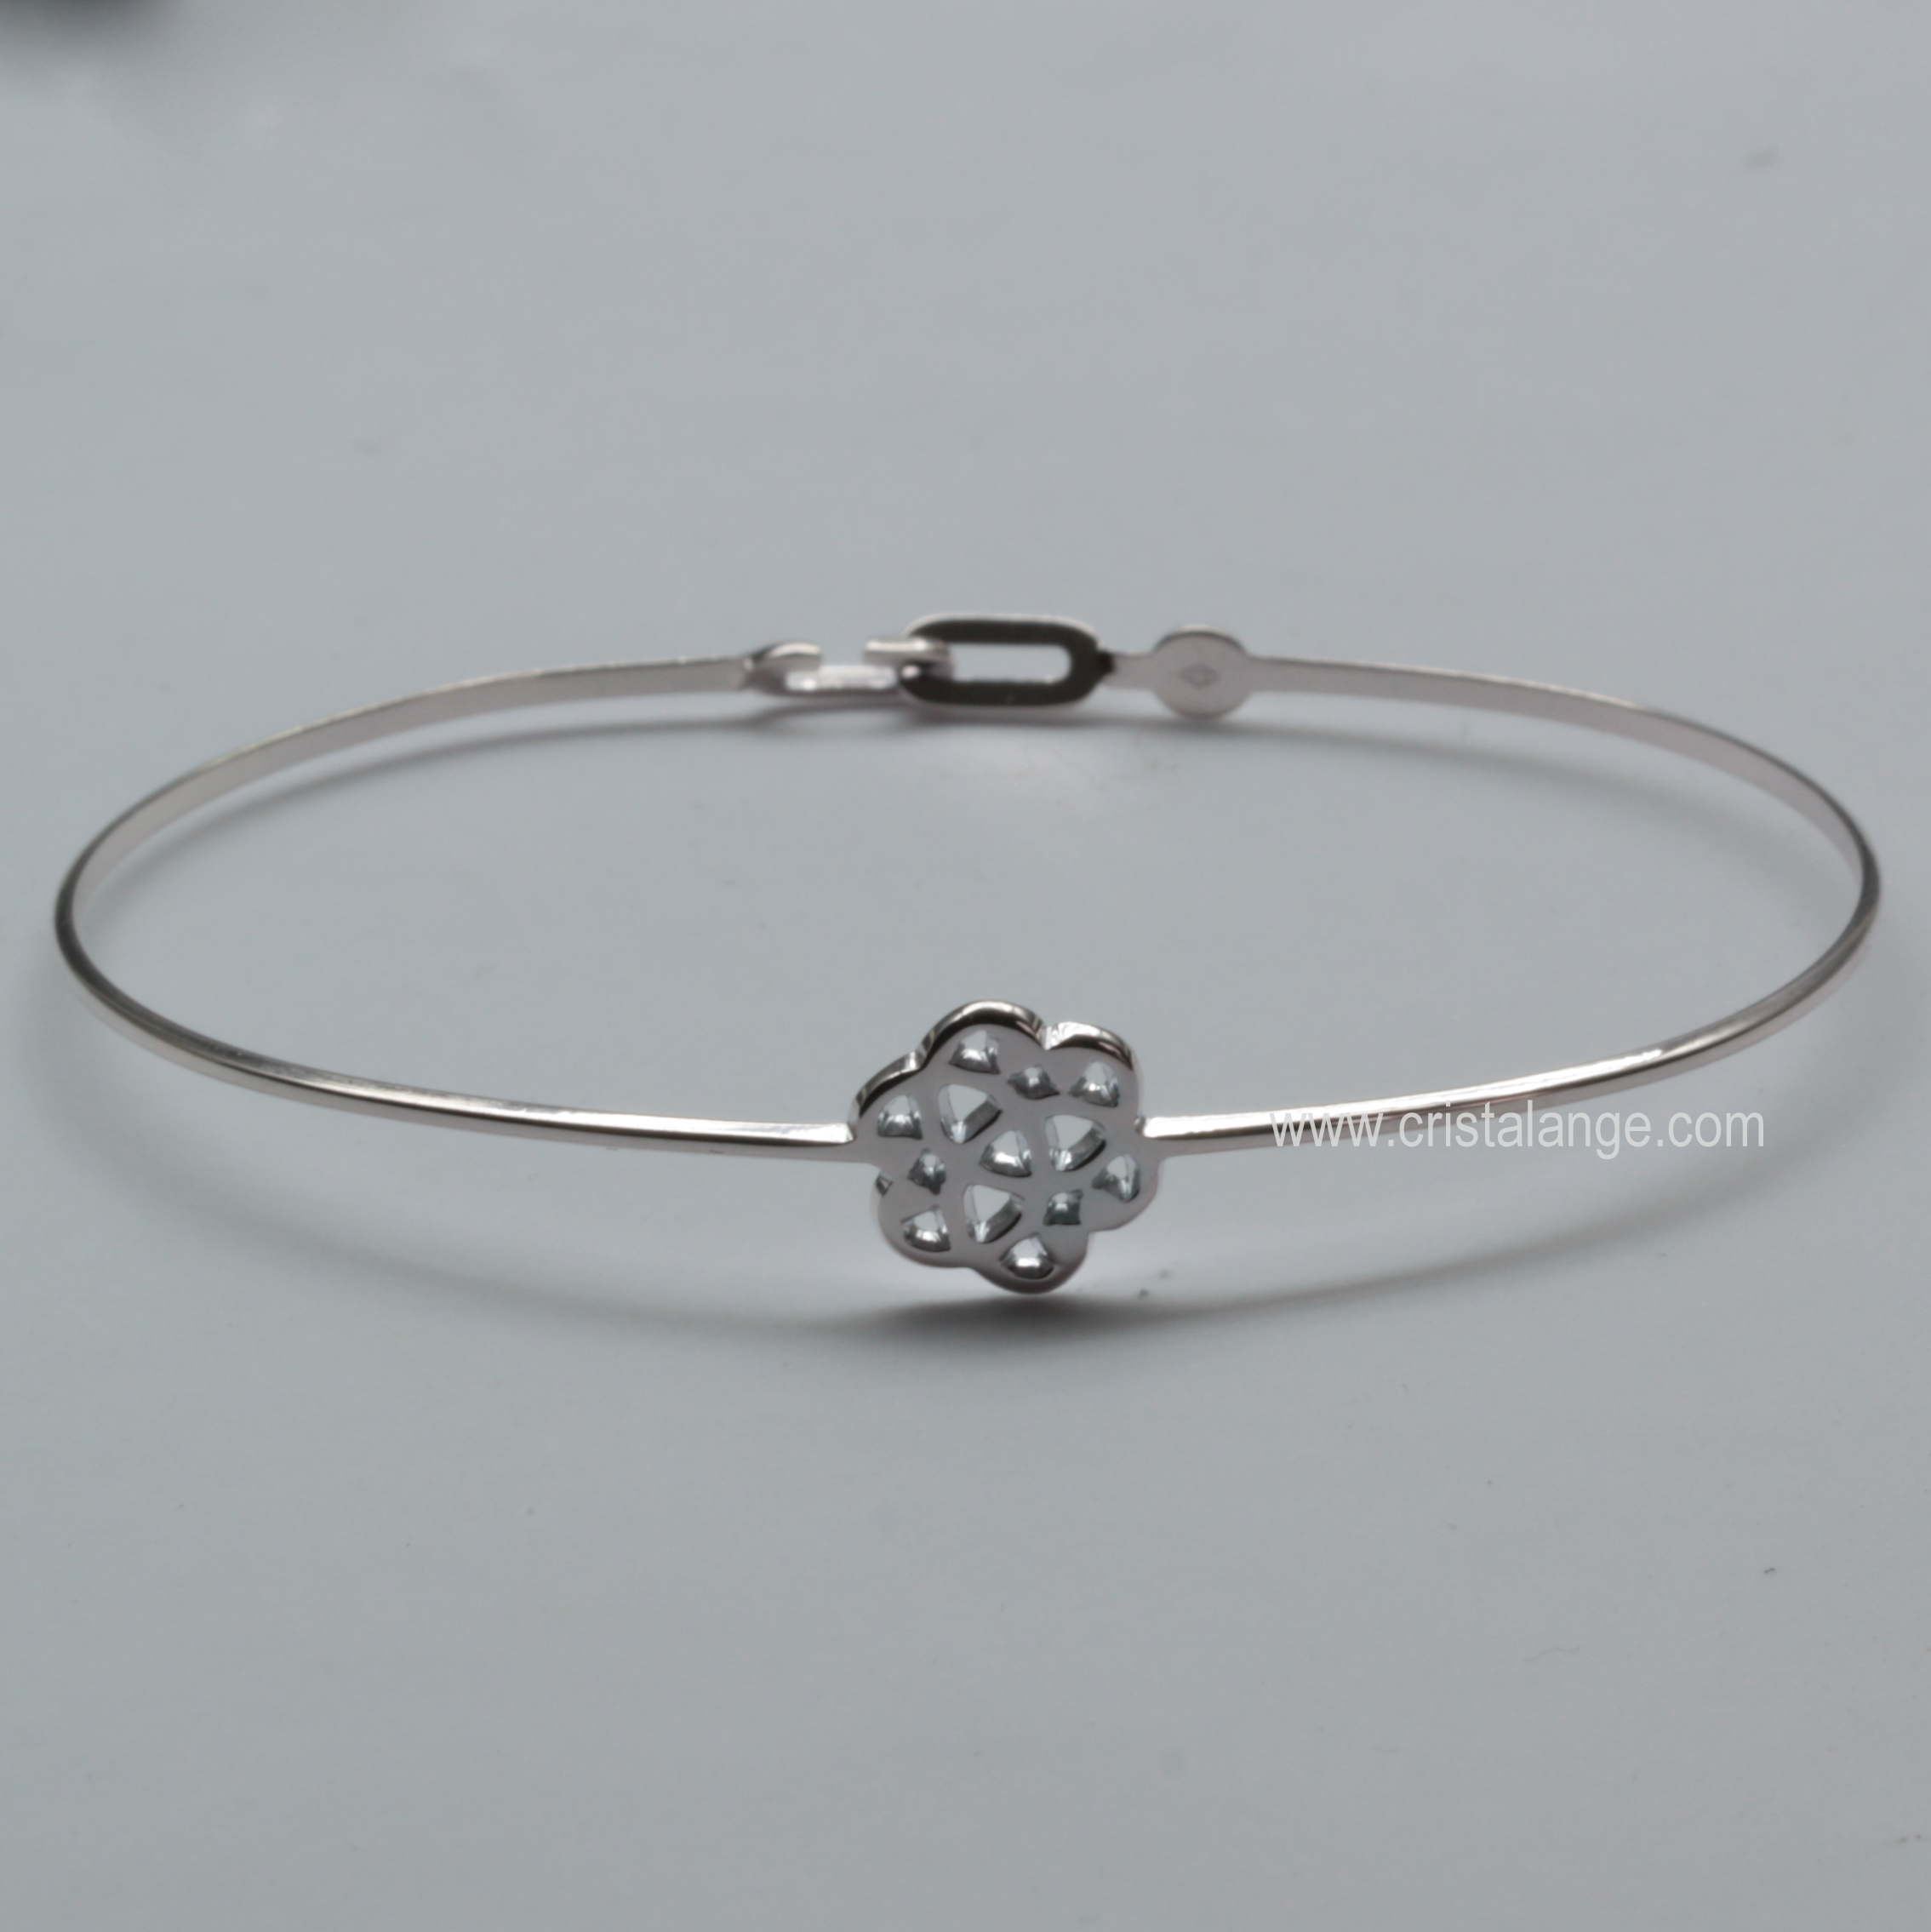 Bracelet Connection Fleur en argent. Découvrez tous nos bijoux spirituels,  bijoux symboles et bijoux lithothérapie et nos pendentifs chakras avec